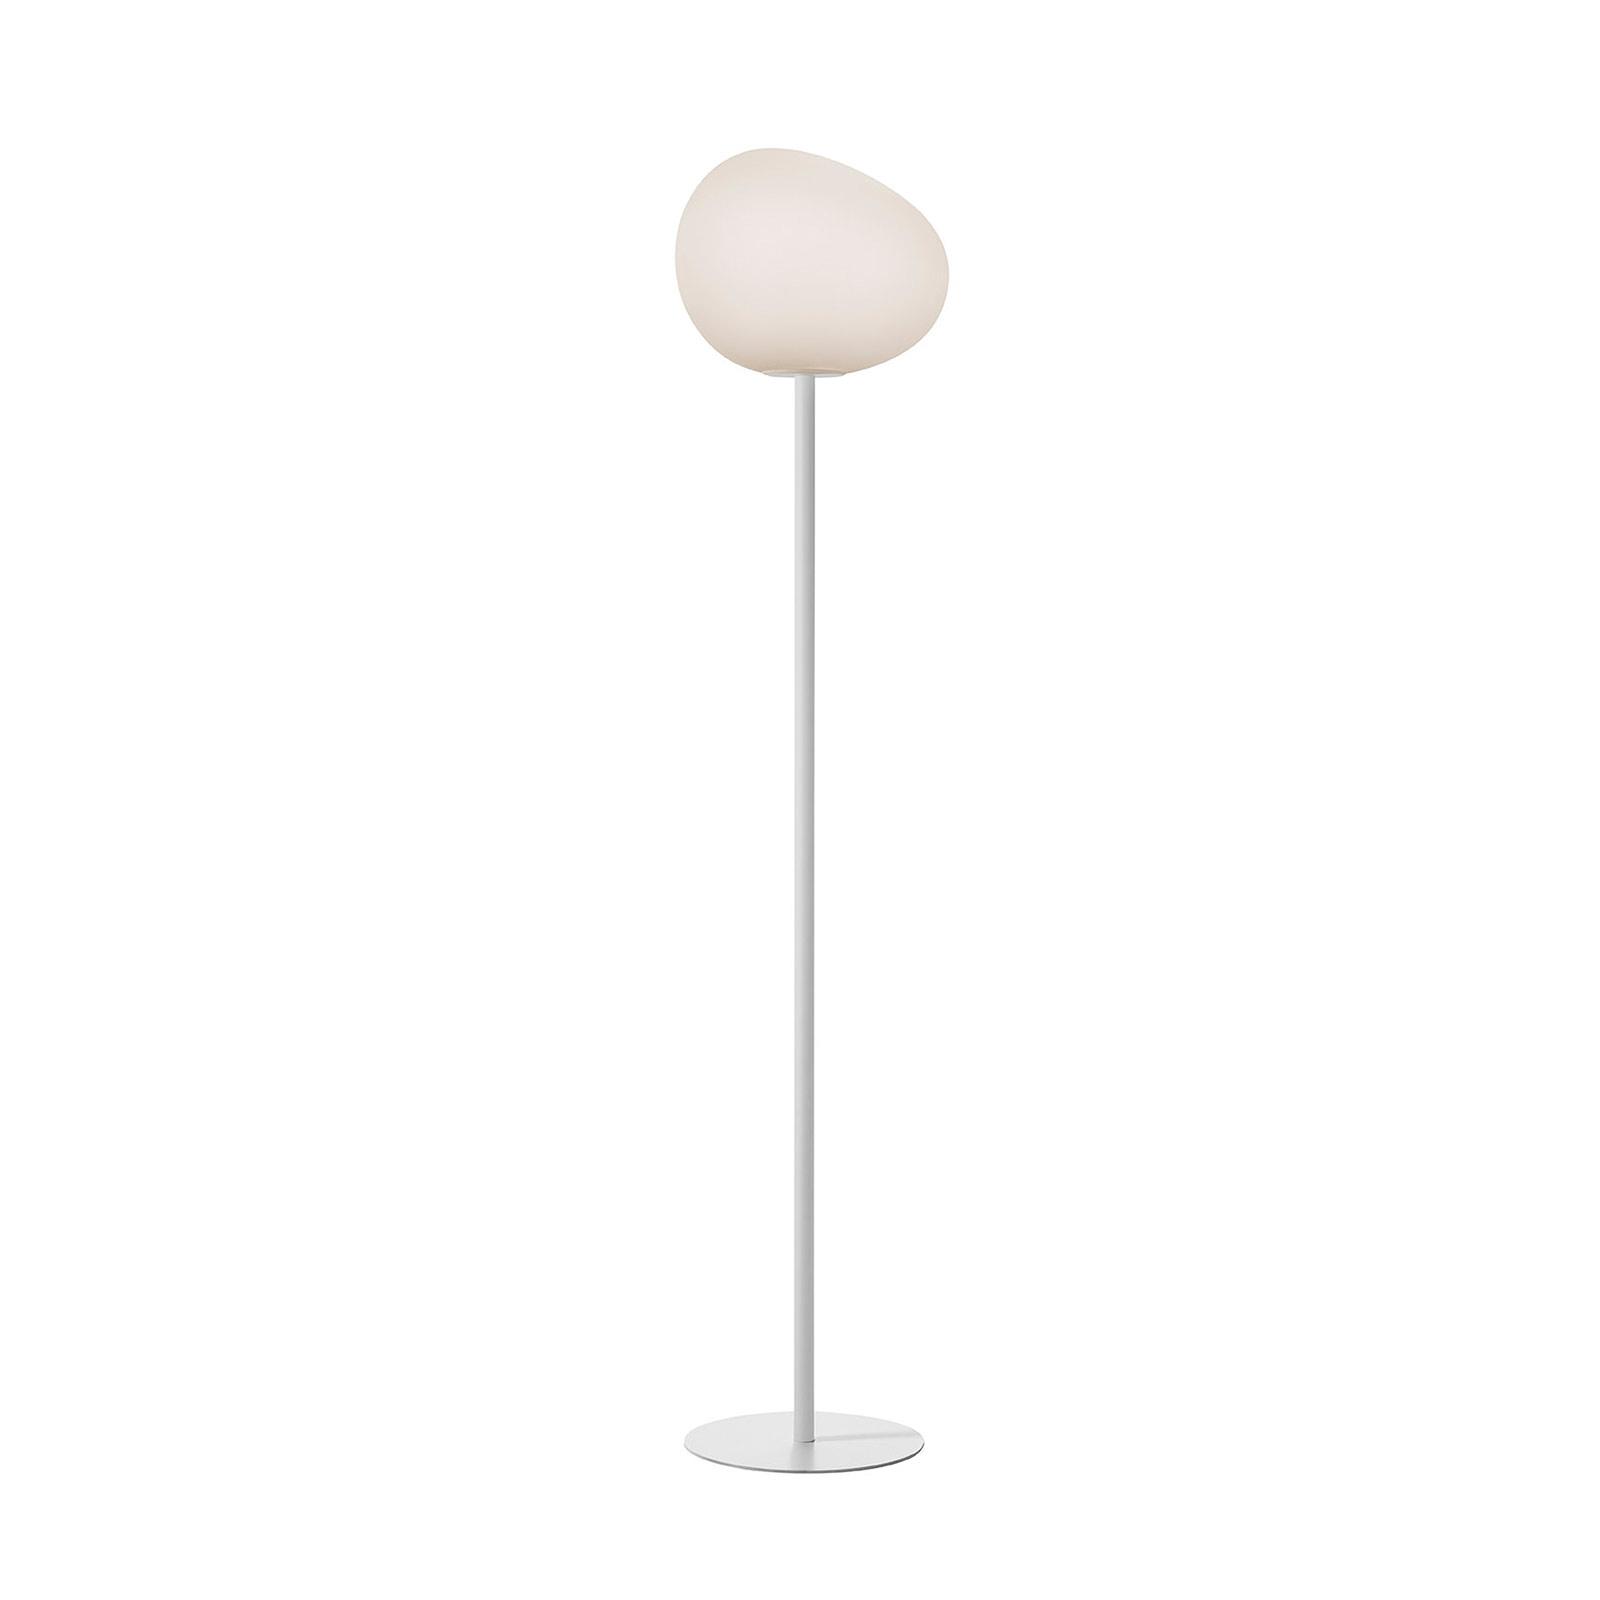 Foscarini Gregg media gulvlampe, 151 cm, hvid